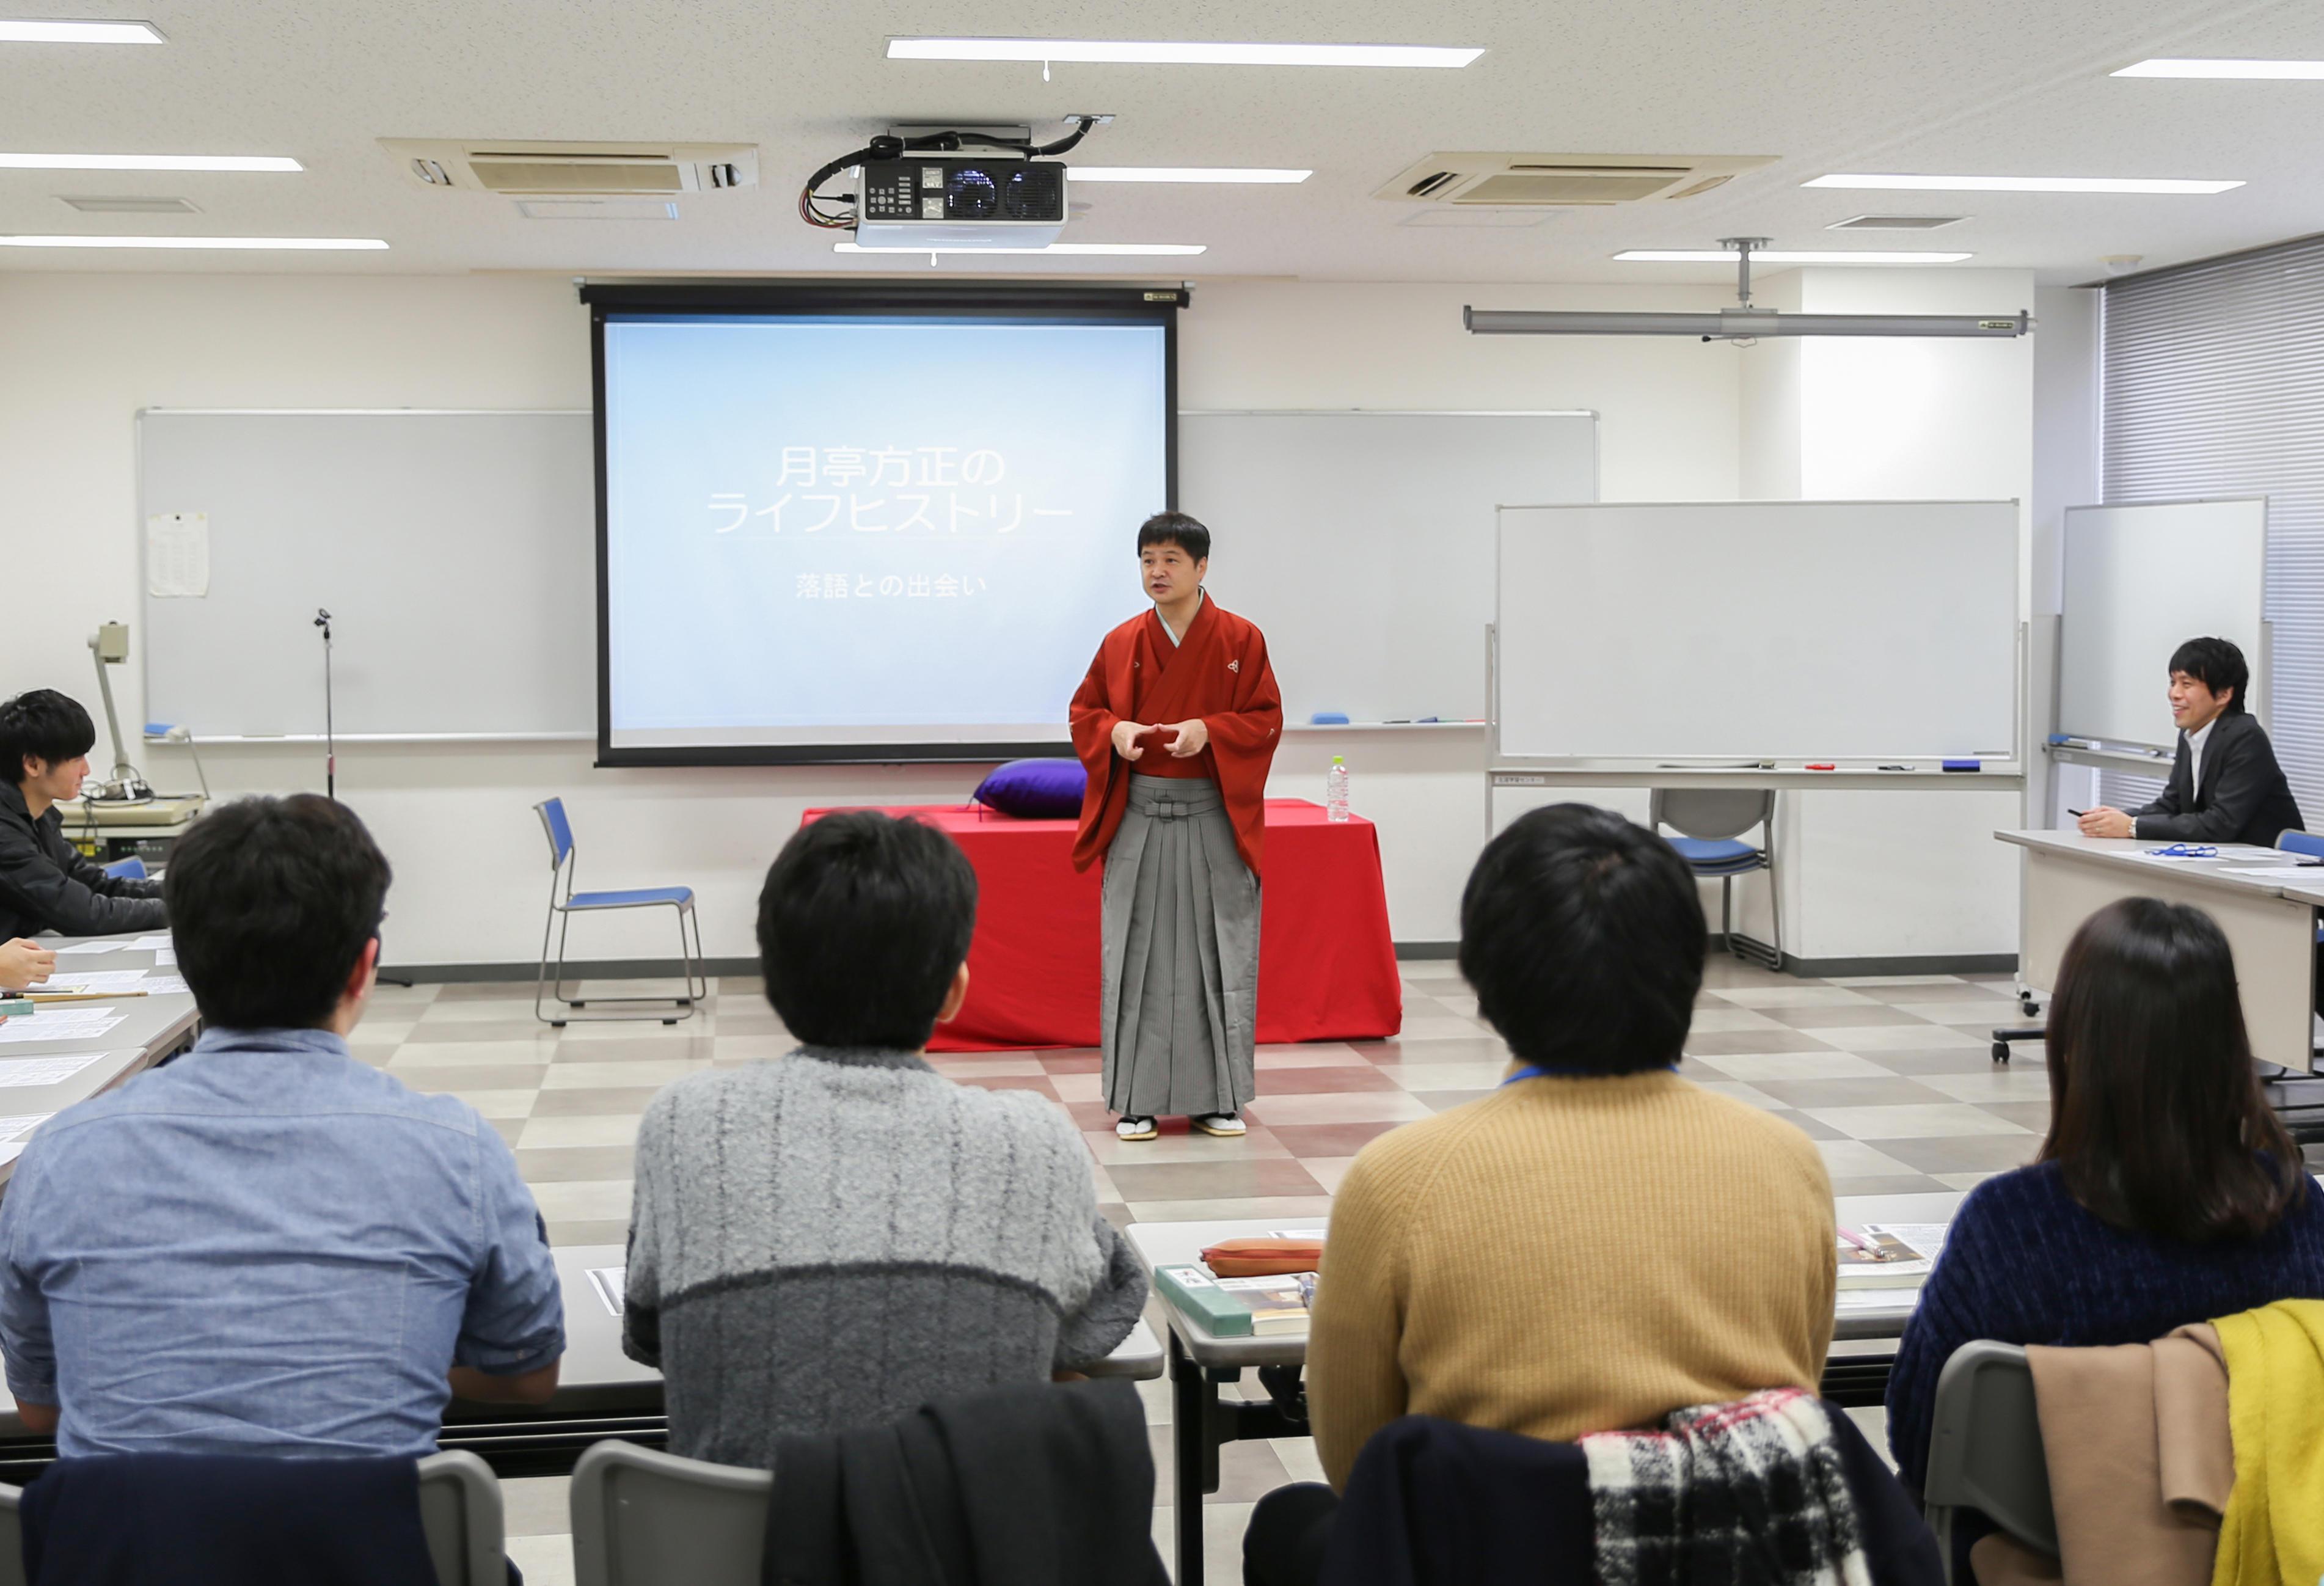 月亭方正が人に伝えるテクニックを伝授 「落語家に学ぶ!就活対策講座」を開催